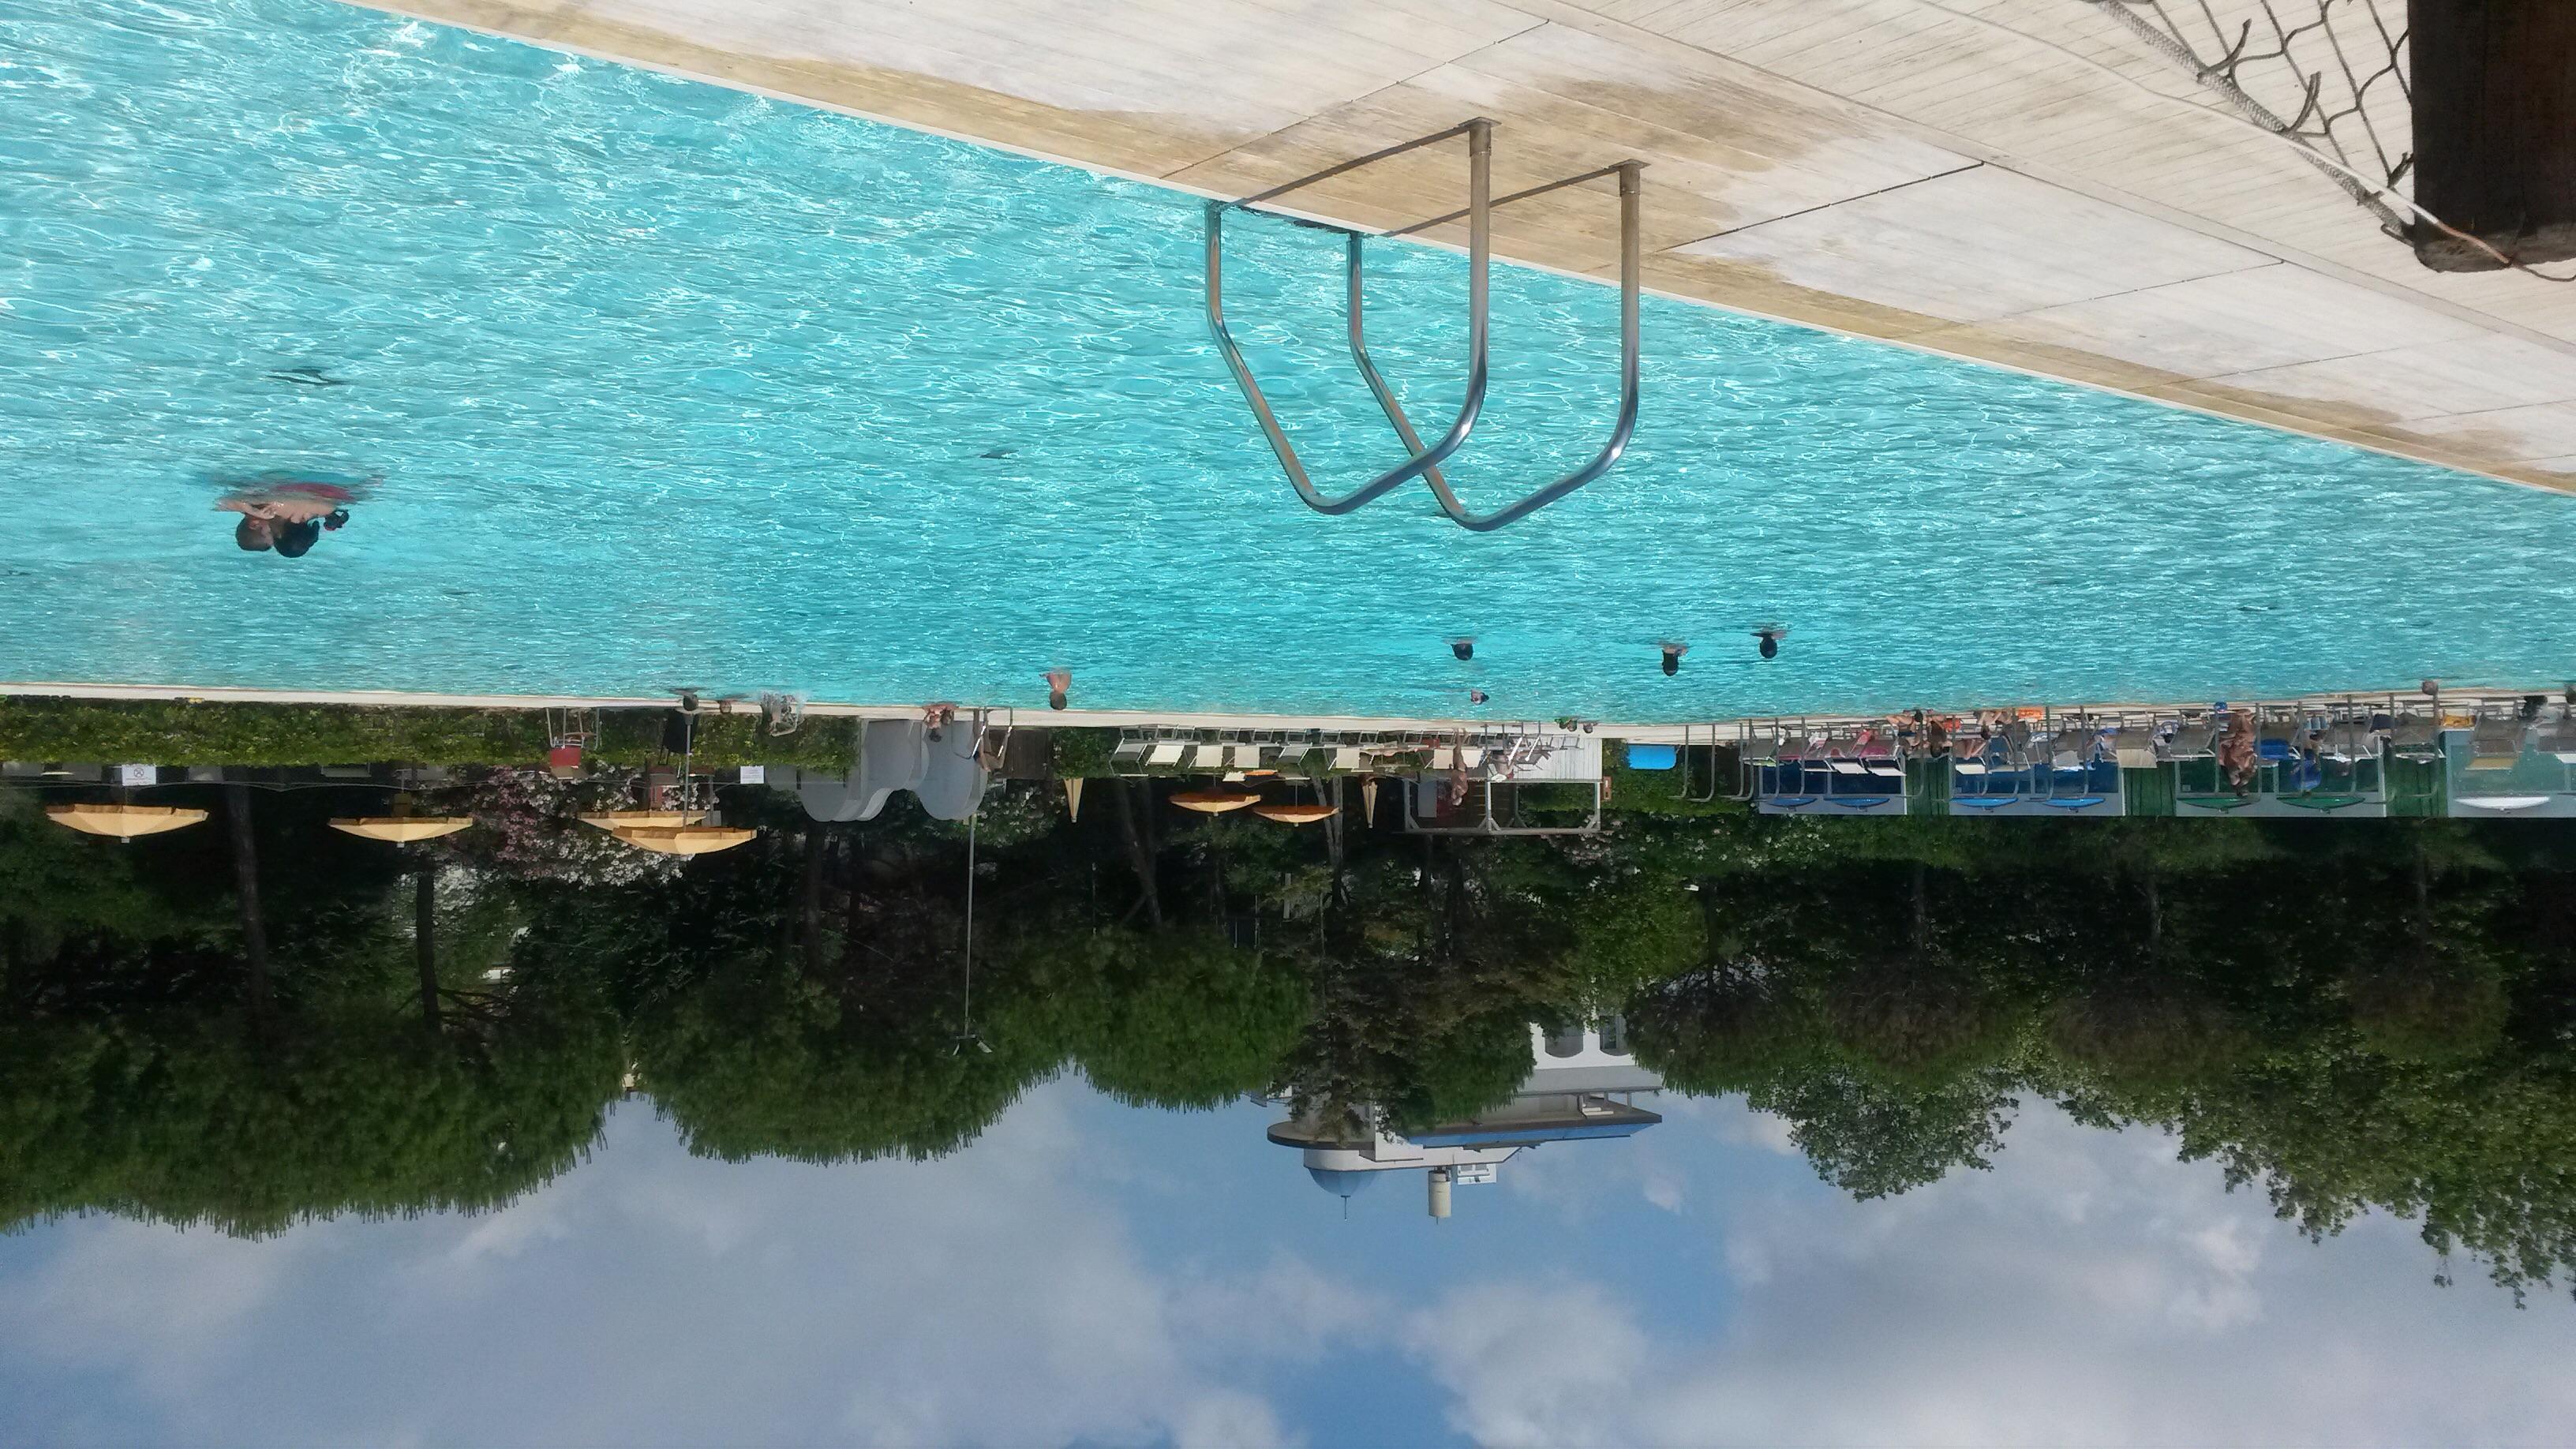 L amore per la piscina di riccione terme non si tradisce for Piscina riccione